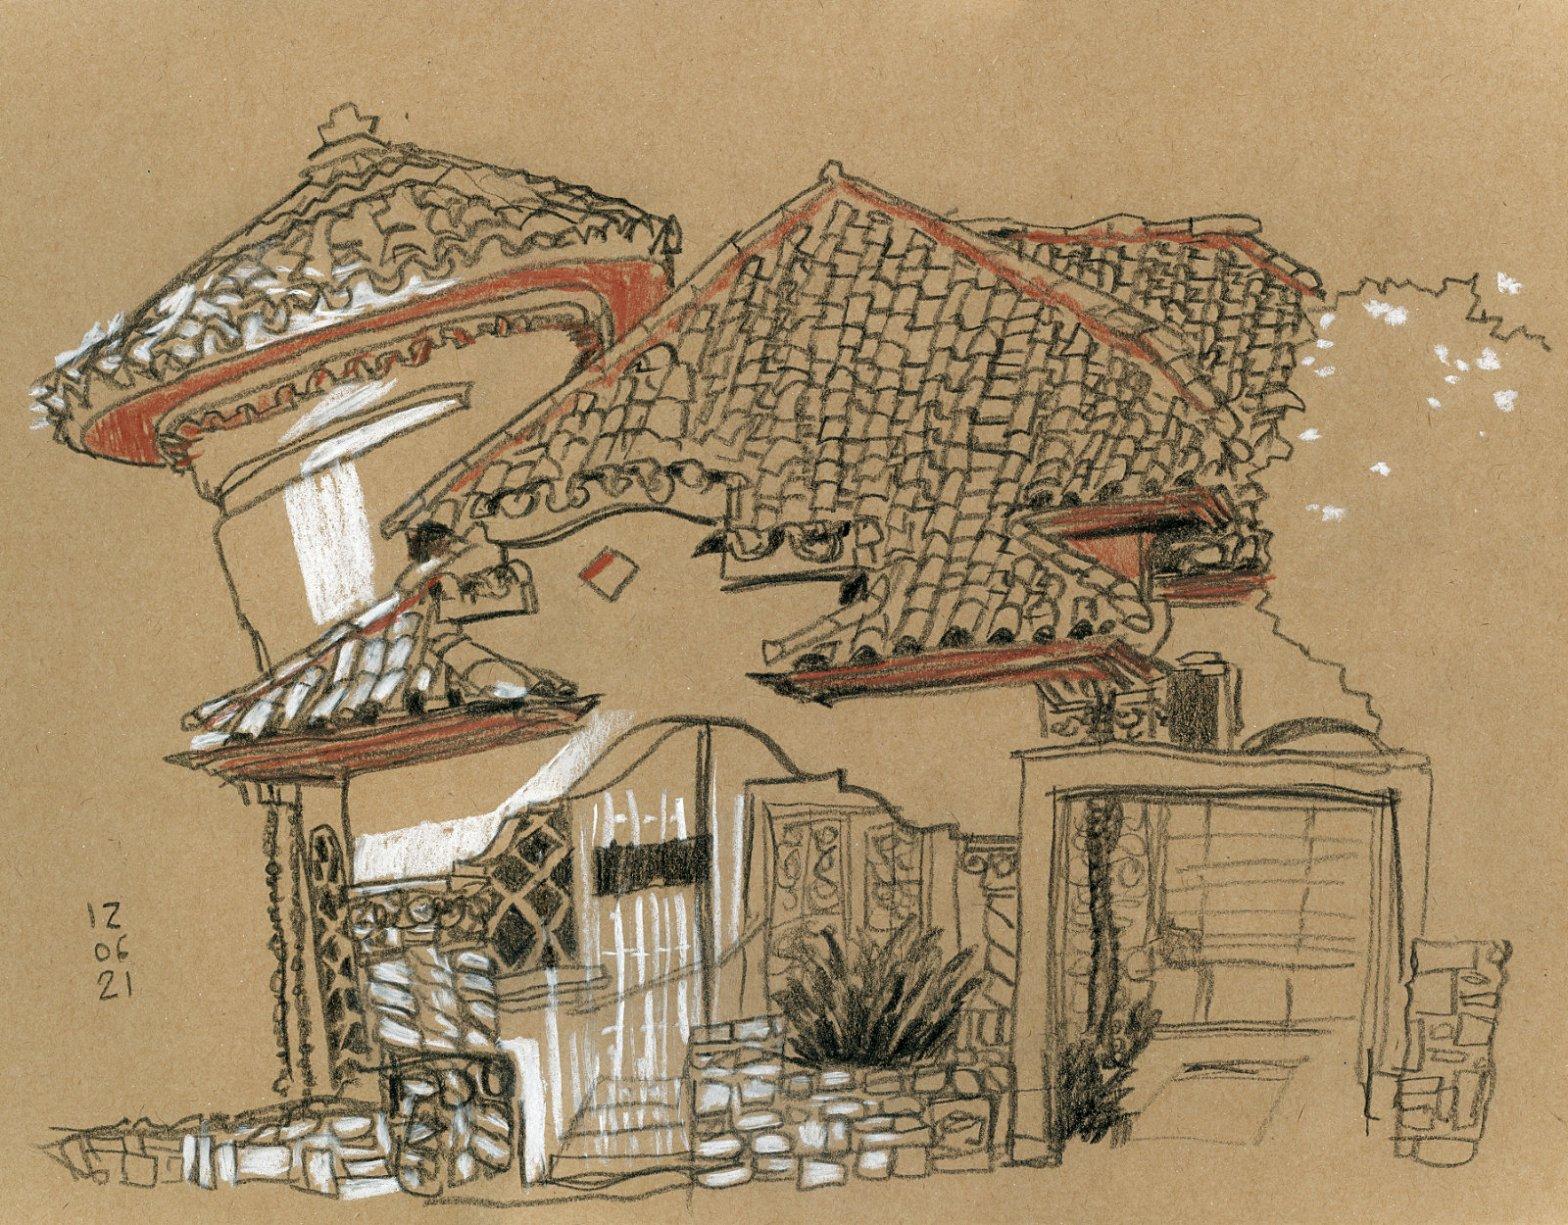 Desenho em crayon sobre papel kraft de um casarão, visto de frente, com toques de branco e vermelho